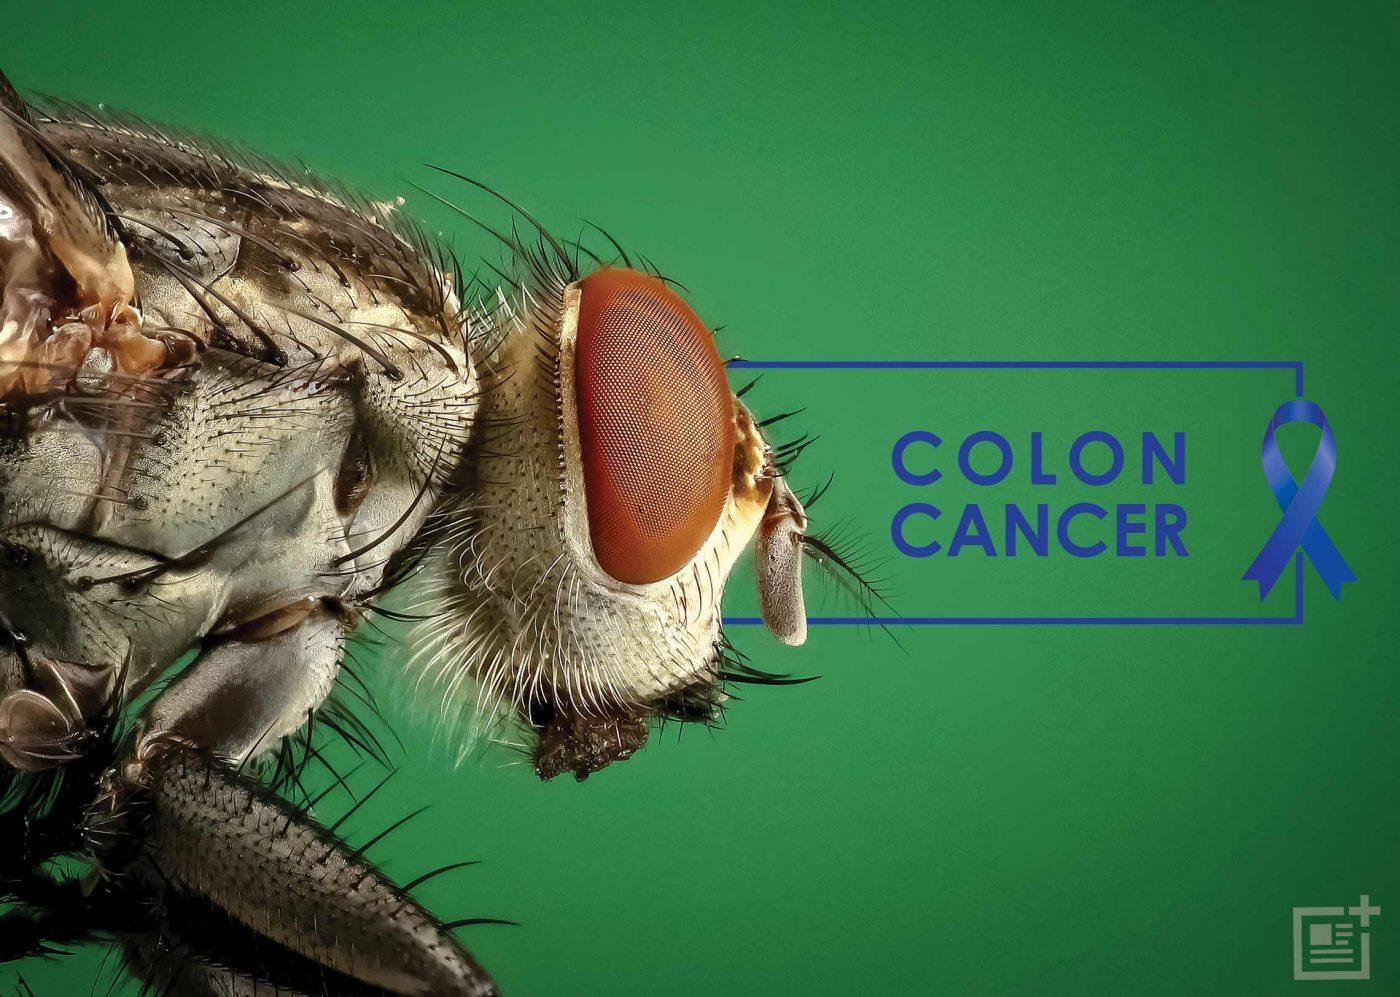 Bé bằng nửa hạt vừng nhưng loài sinh vật này lại đóng góp lớn trong nền nghiên cứu khoa học - Ảnh 3.